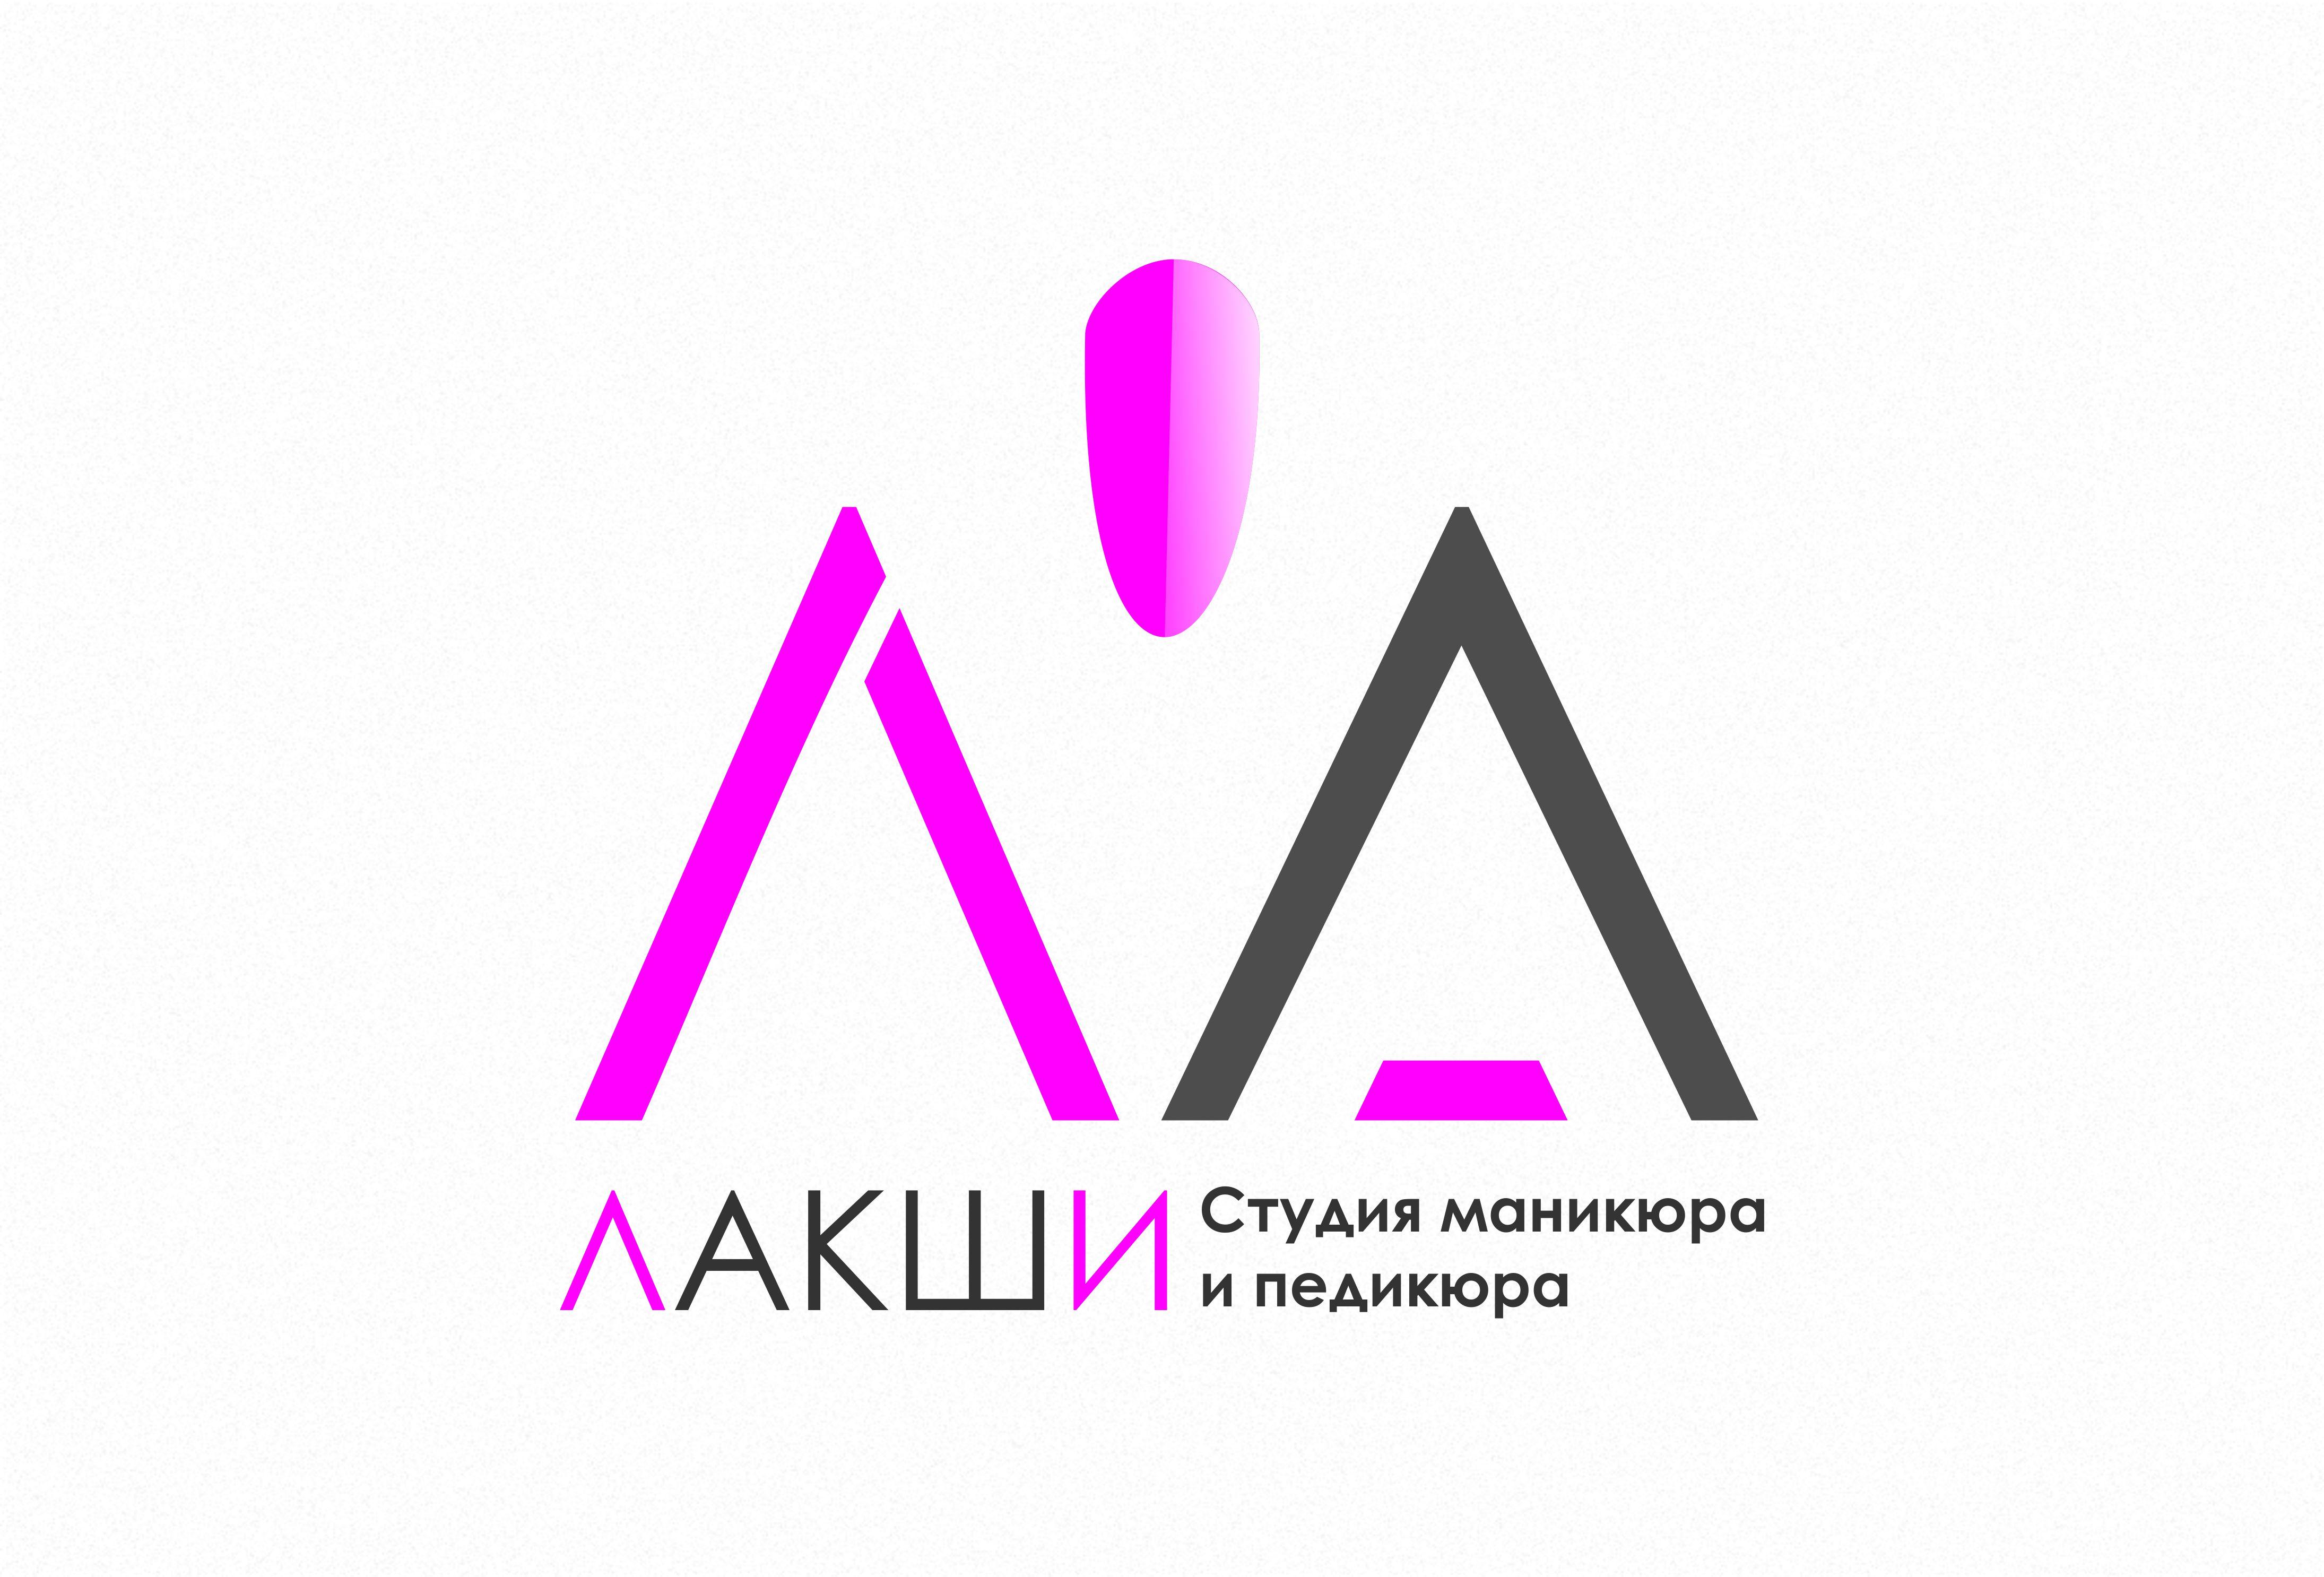 Разработка логотипа фирменного стиля фото f_3715c58596aab03a.jpg